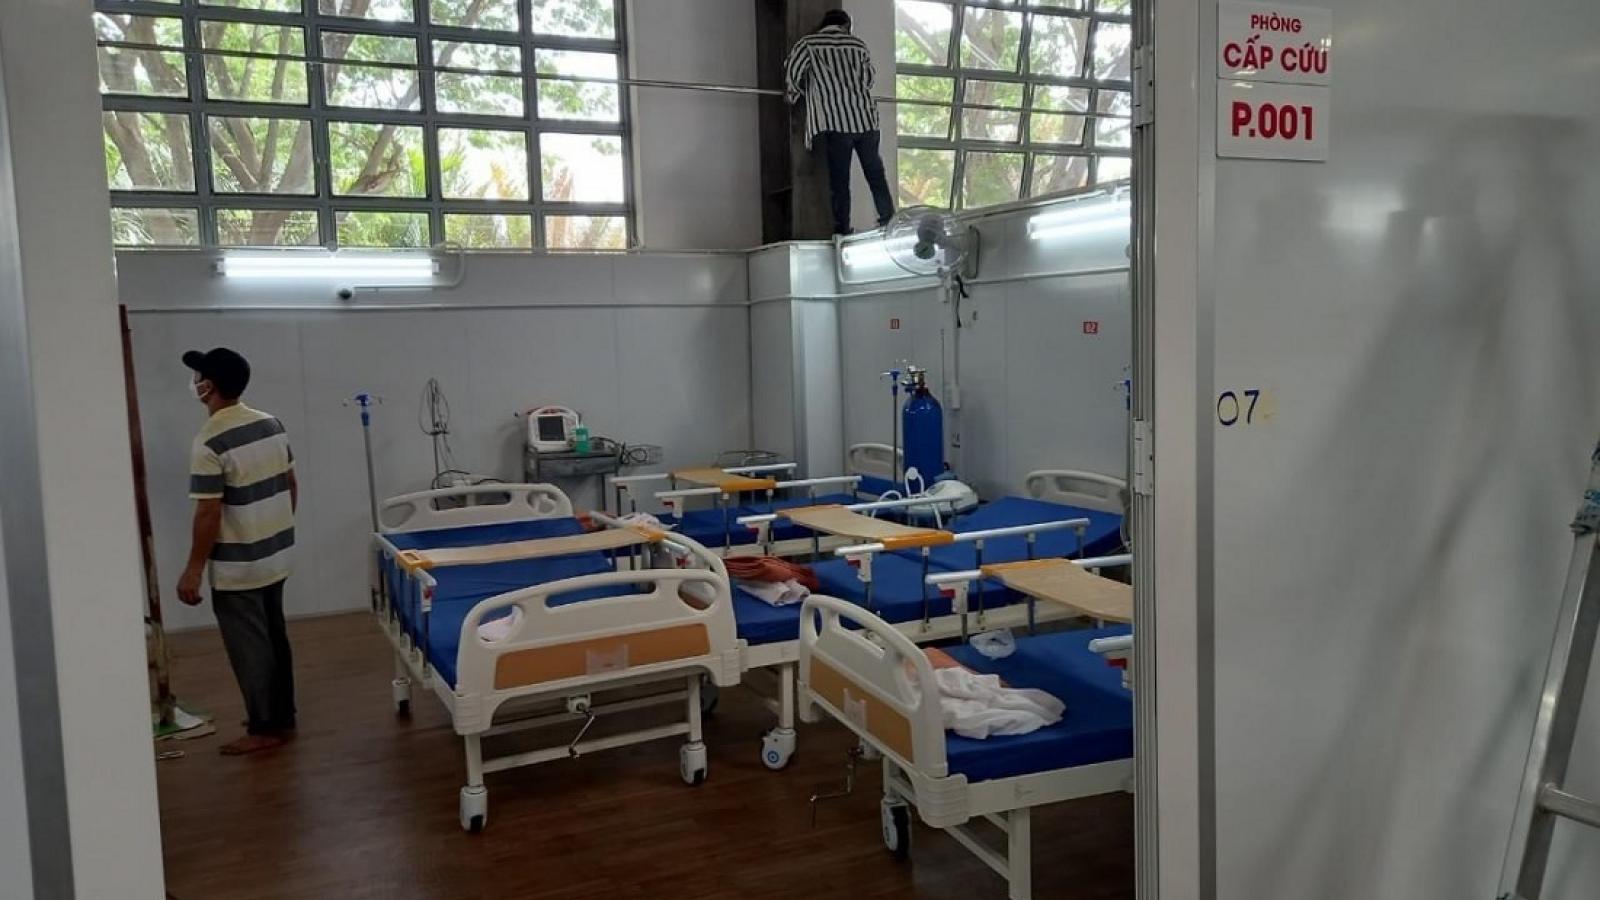 Bệnh viện Dã chiến số 16 của TP.HCM đi vào hoạt động